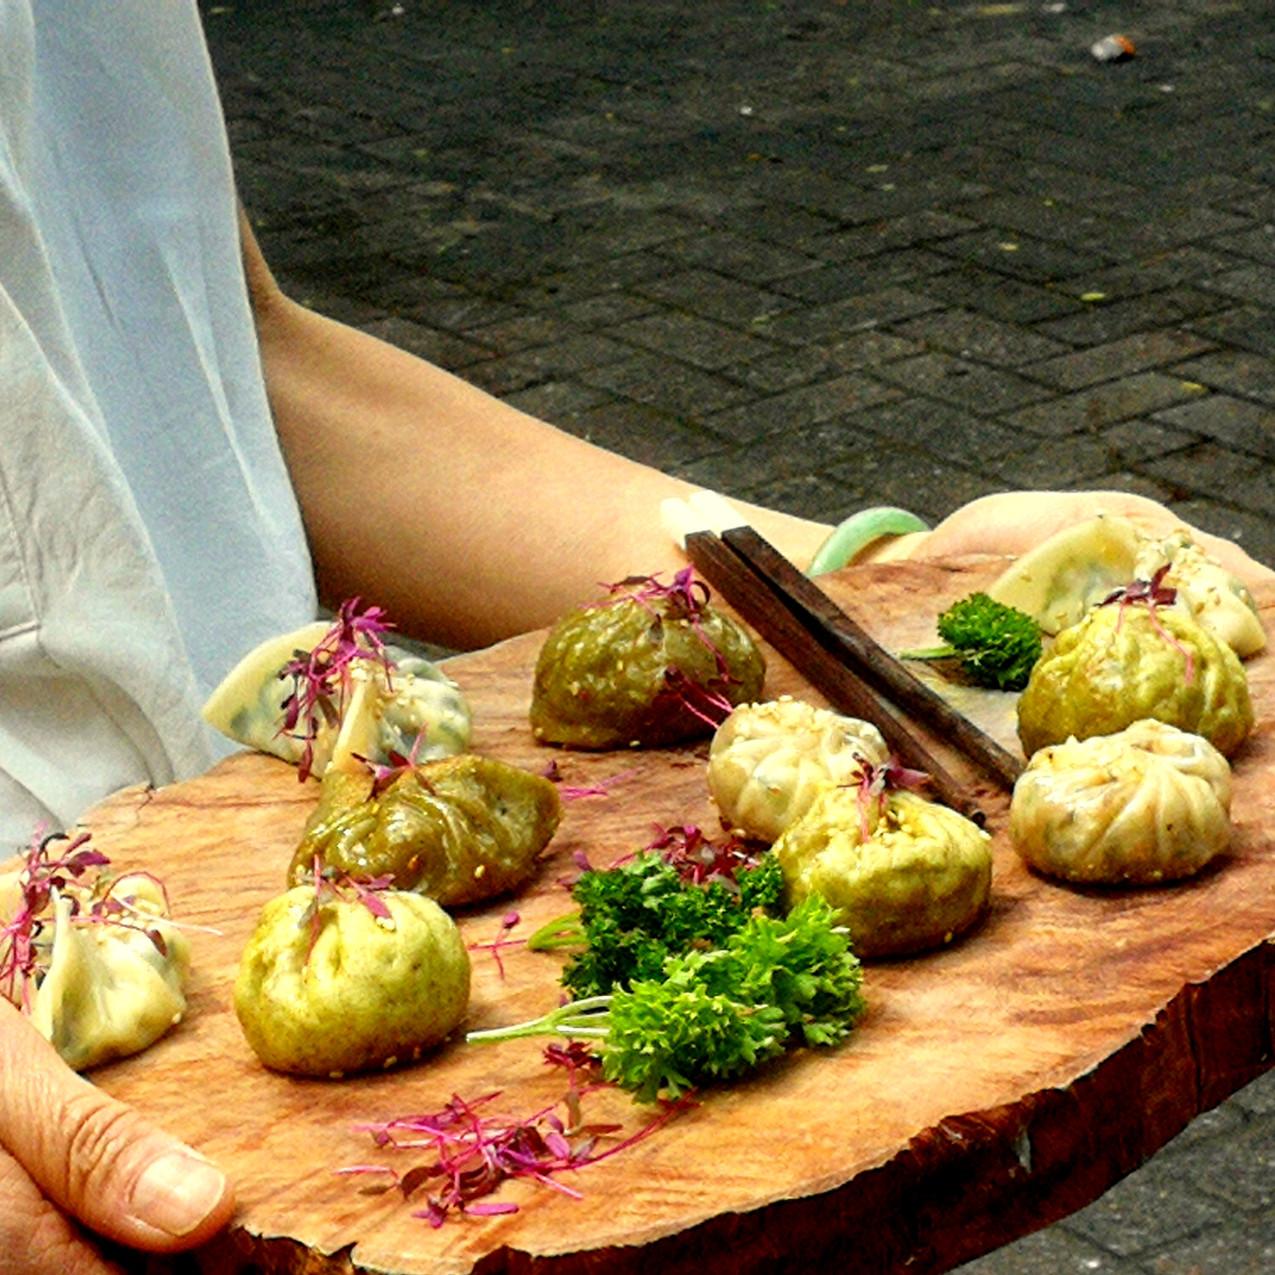 Dumpling - Fall menu Elysia catering